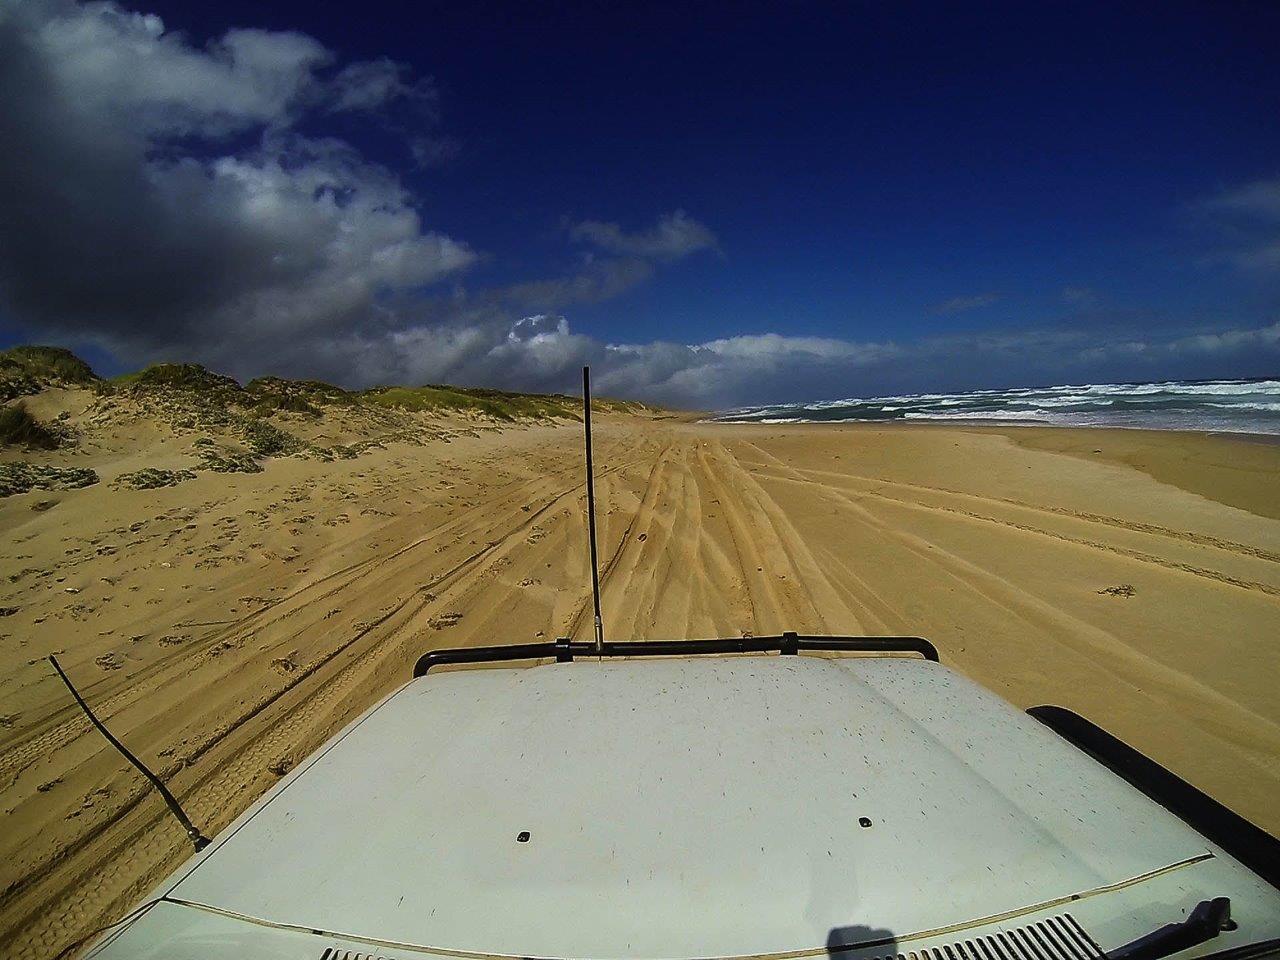 Jasper Beach 4wding